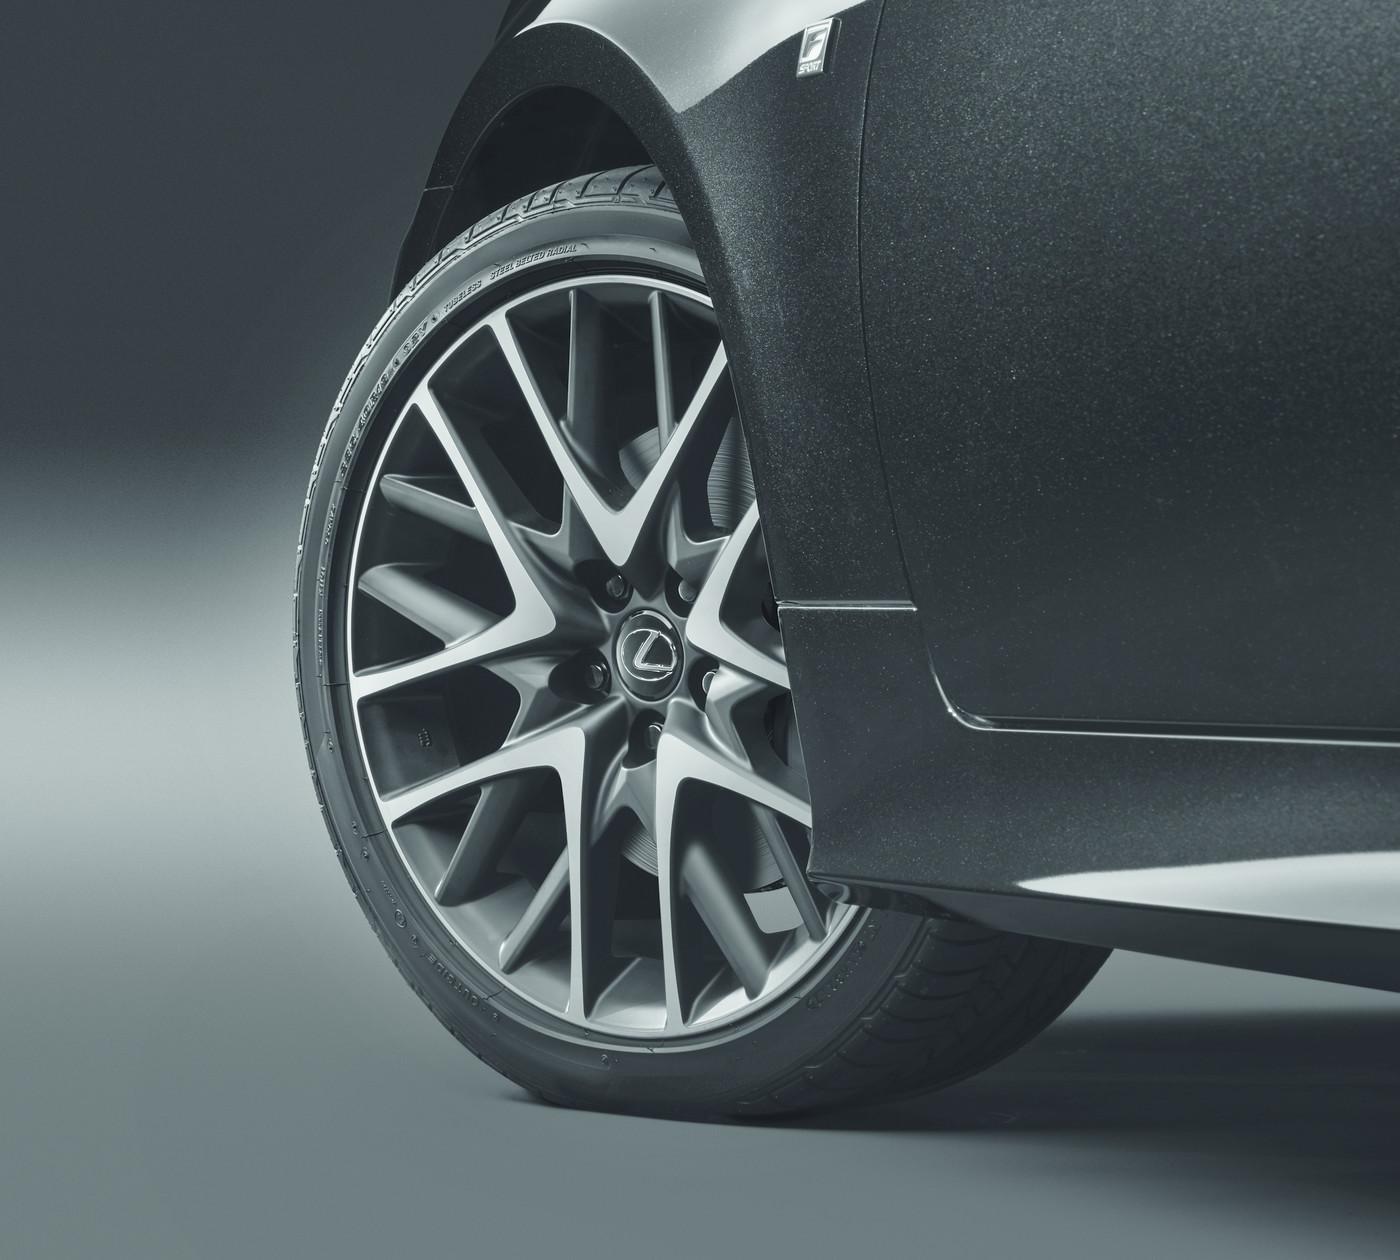 RC black 014 aluminum wheel CMYK